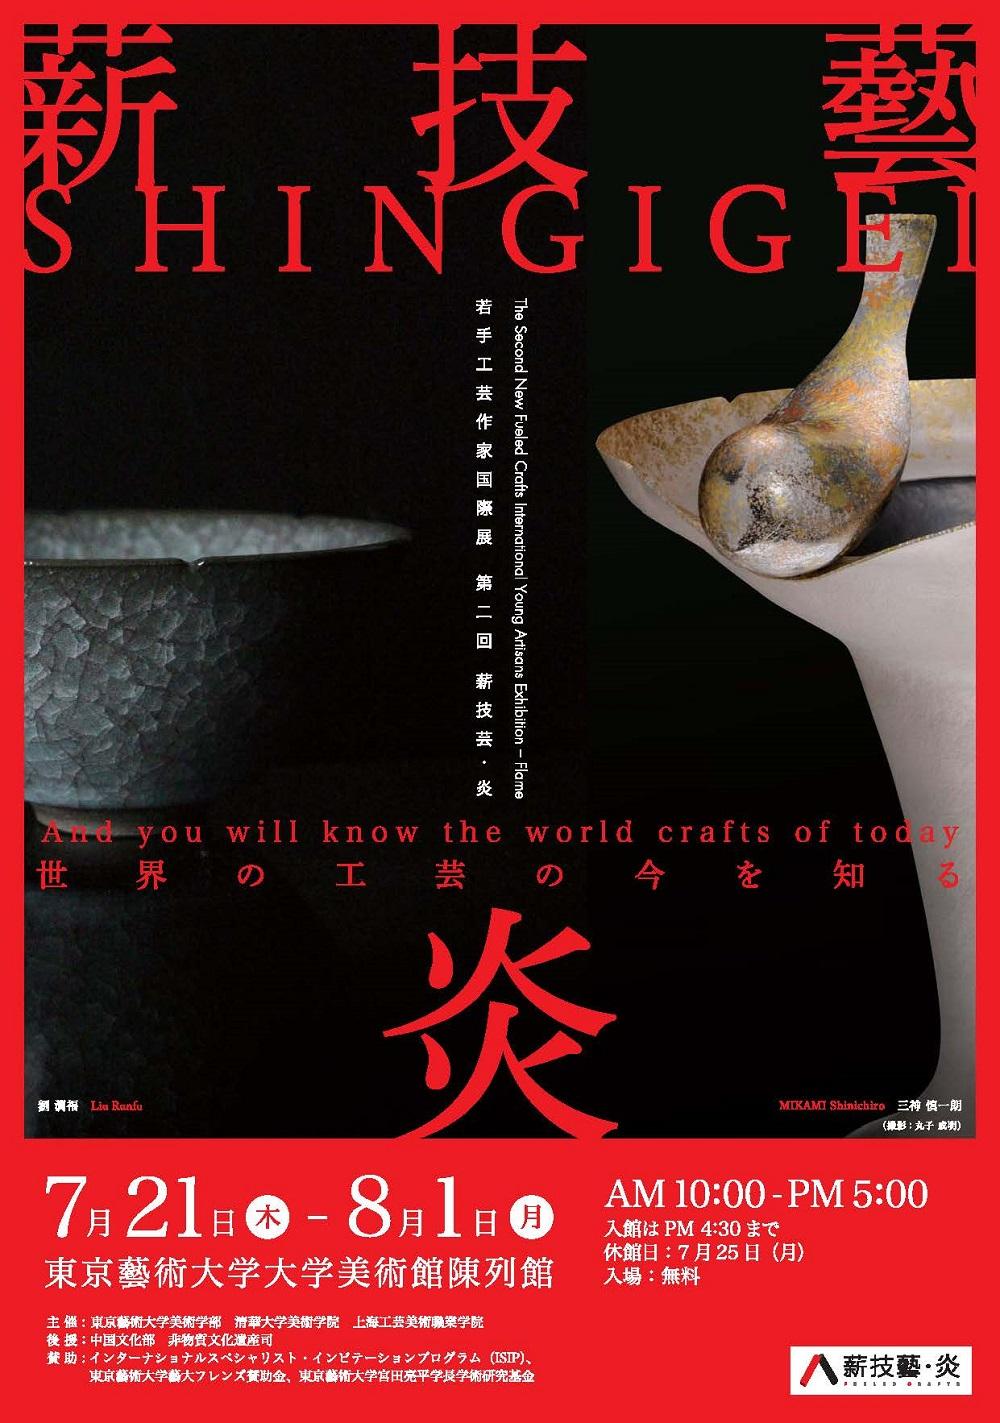 http://www.friends.geidai.ac.jp/project/_uploads/shingigei_front%28size1000%29.jpg